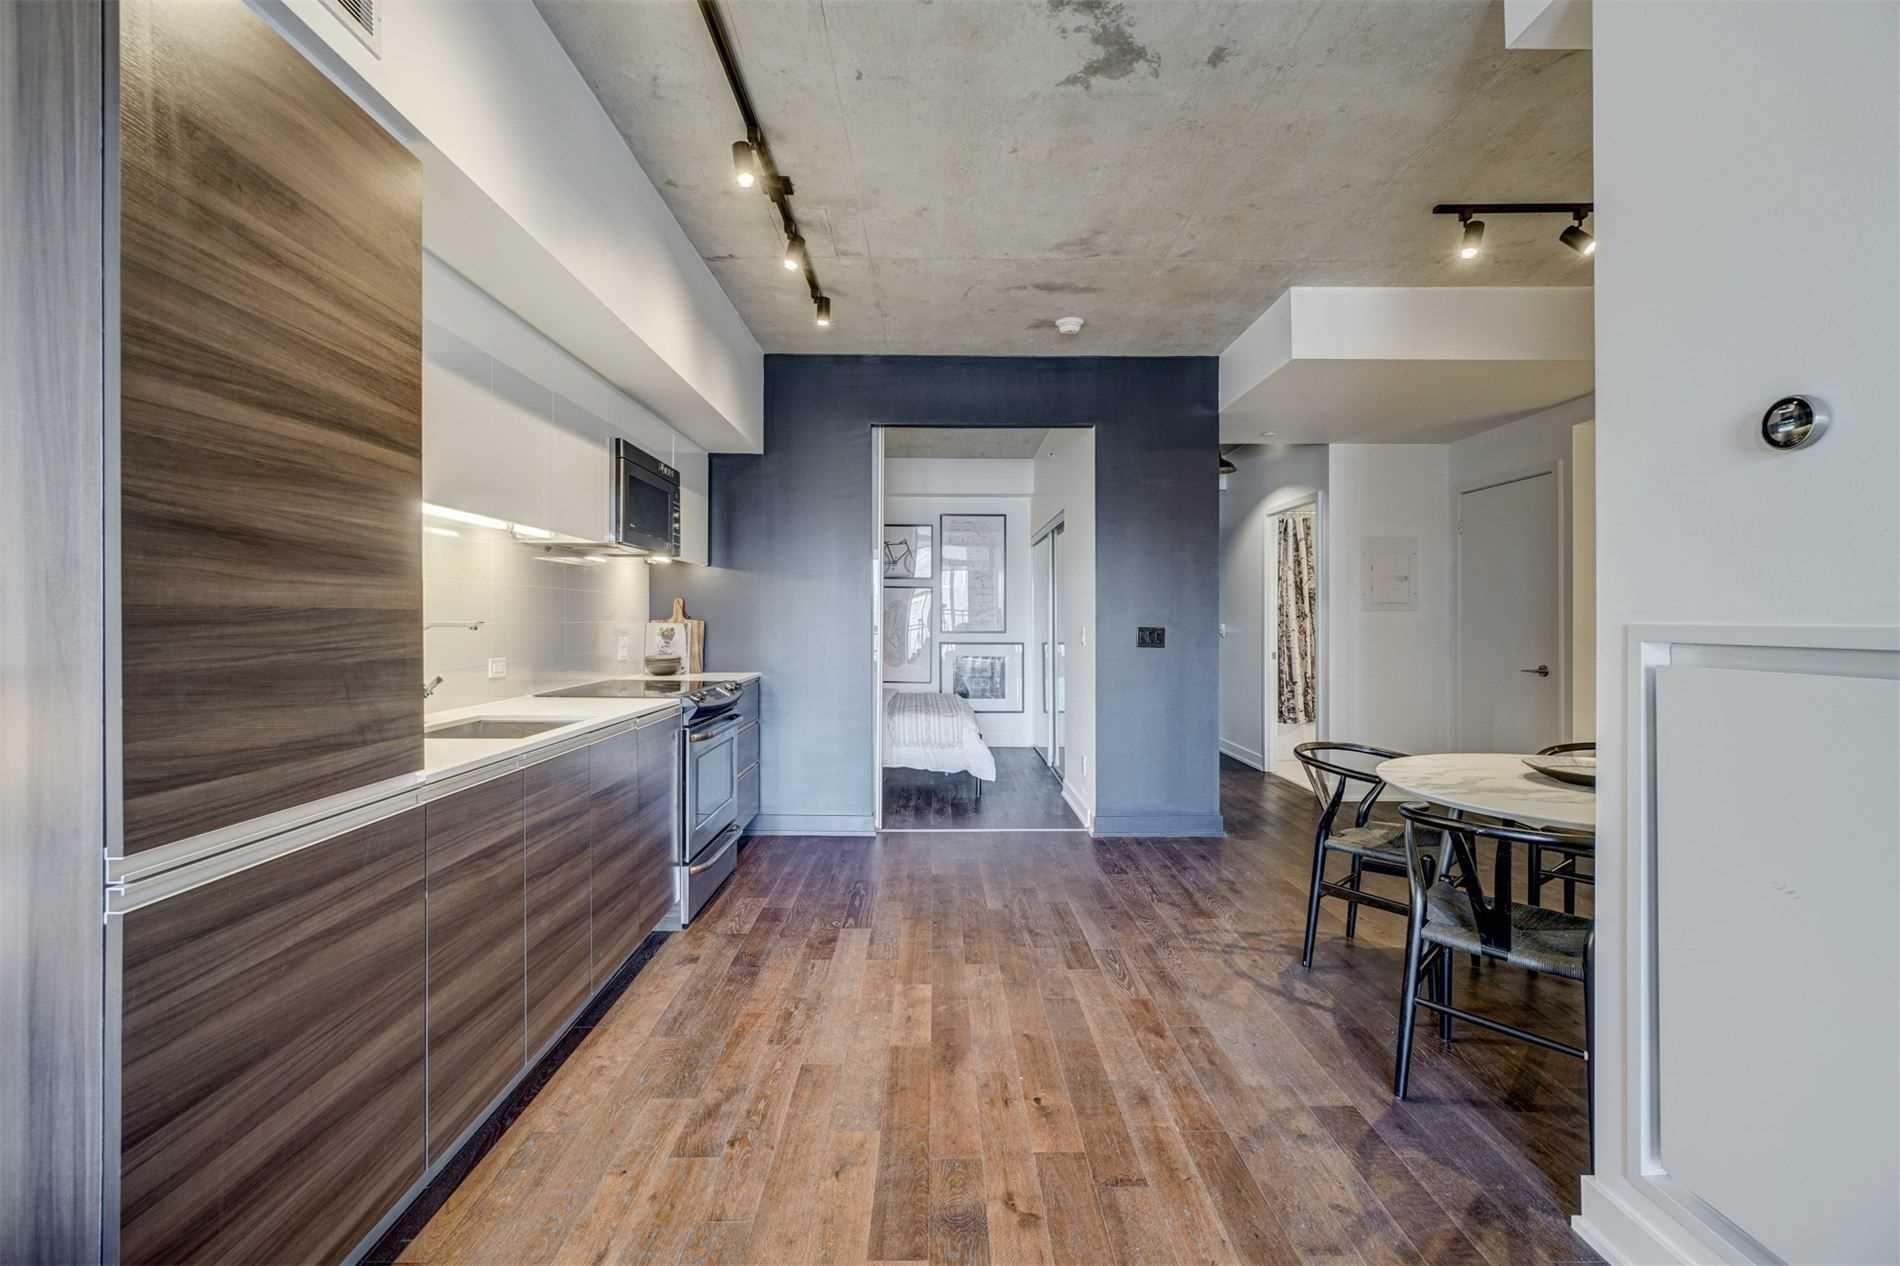 Photo 10: Photos: 722 1190 E Dundas Street in Toronto: South Riverdale Condo for sale (Toronto E01)  : MLS®# E5144551